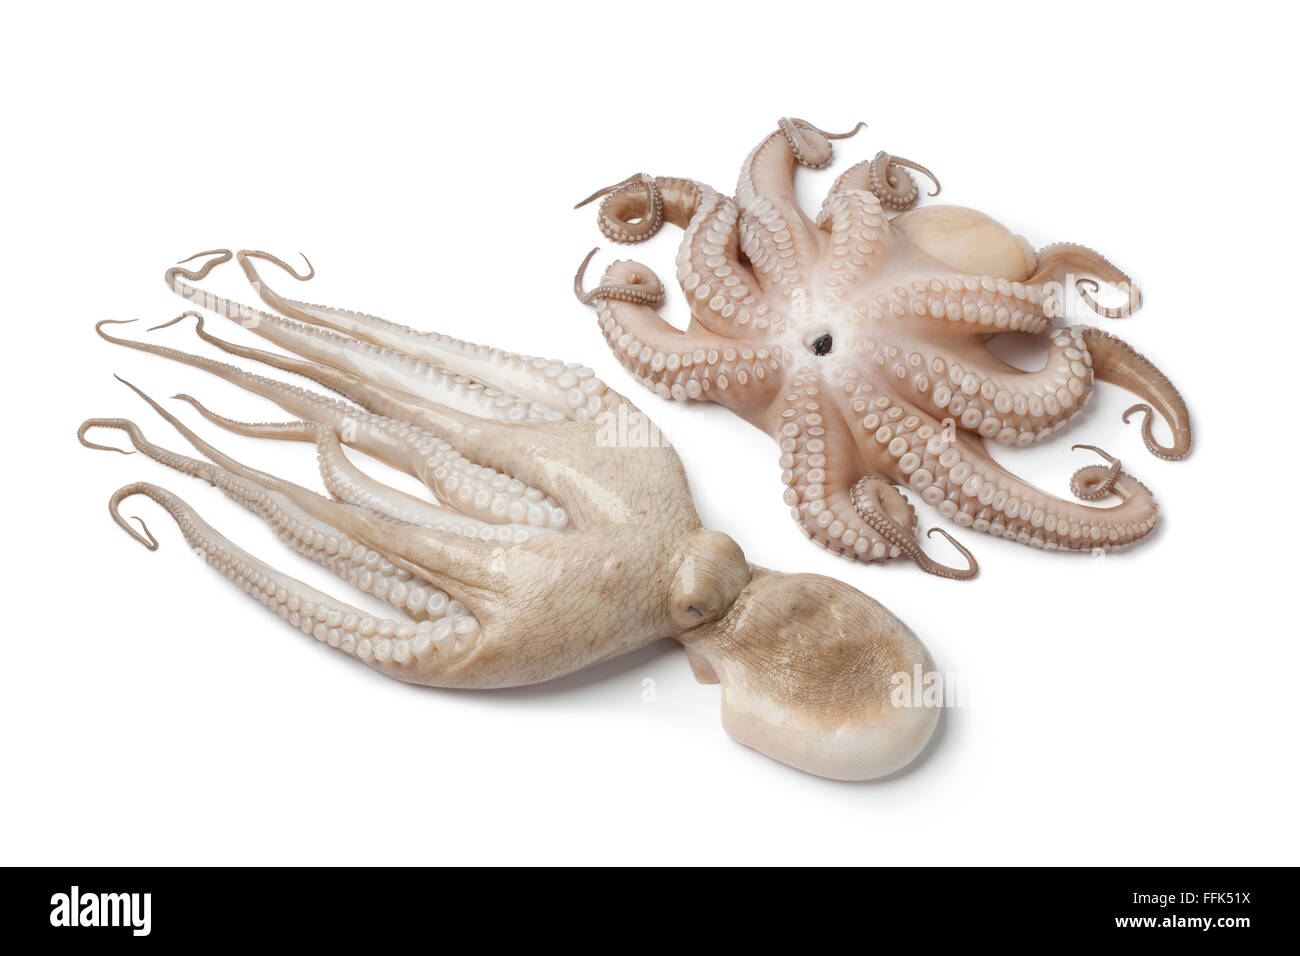 Paar aus frischen rohen Oktopus isoliert auf weißem Hintergrund Stockbild